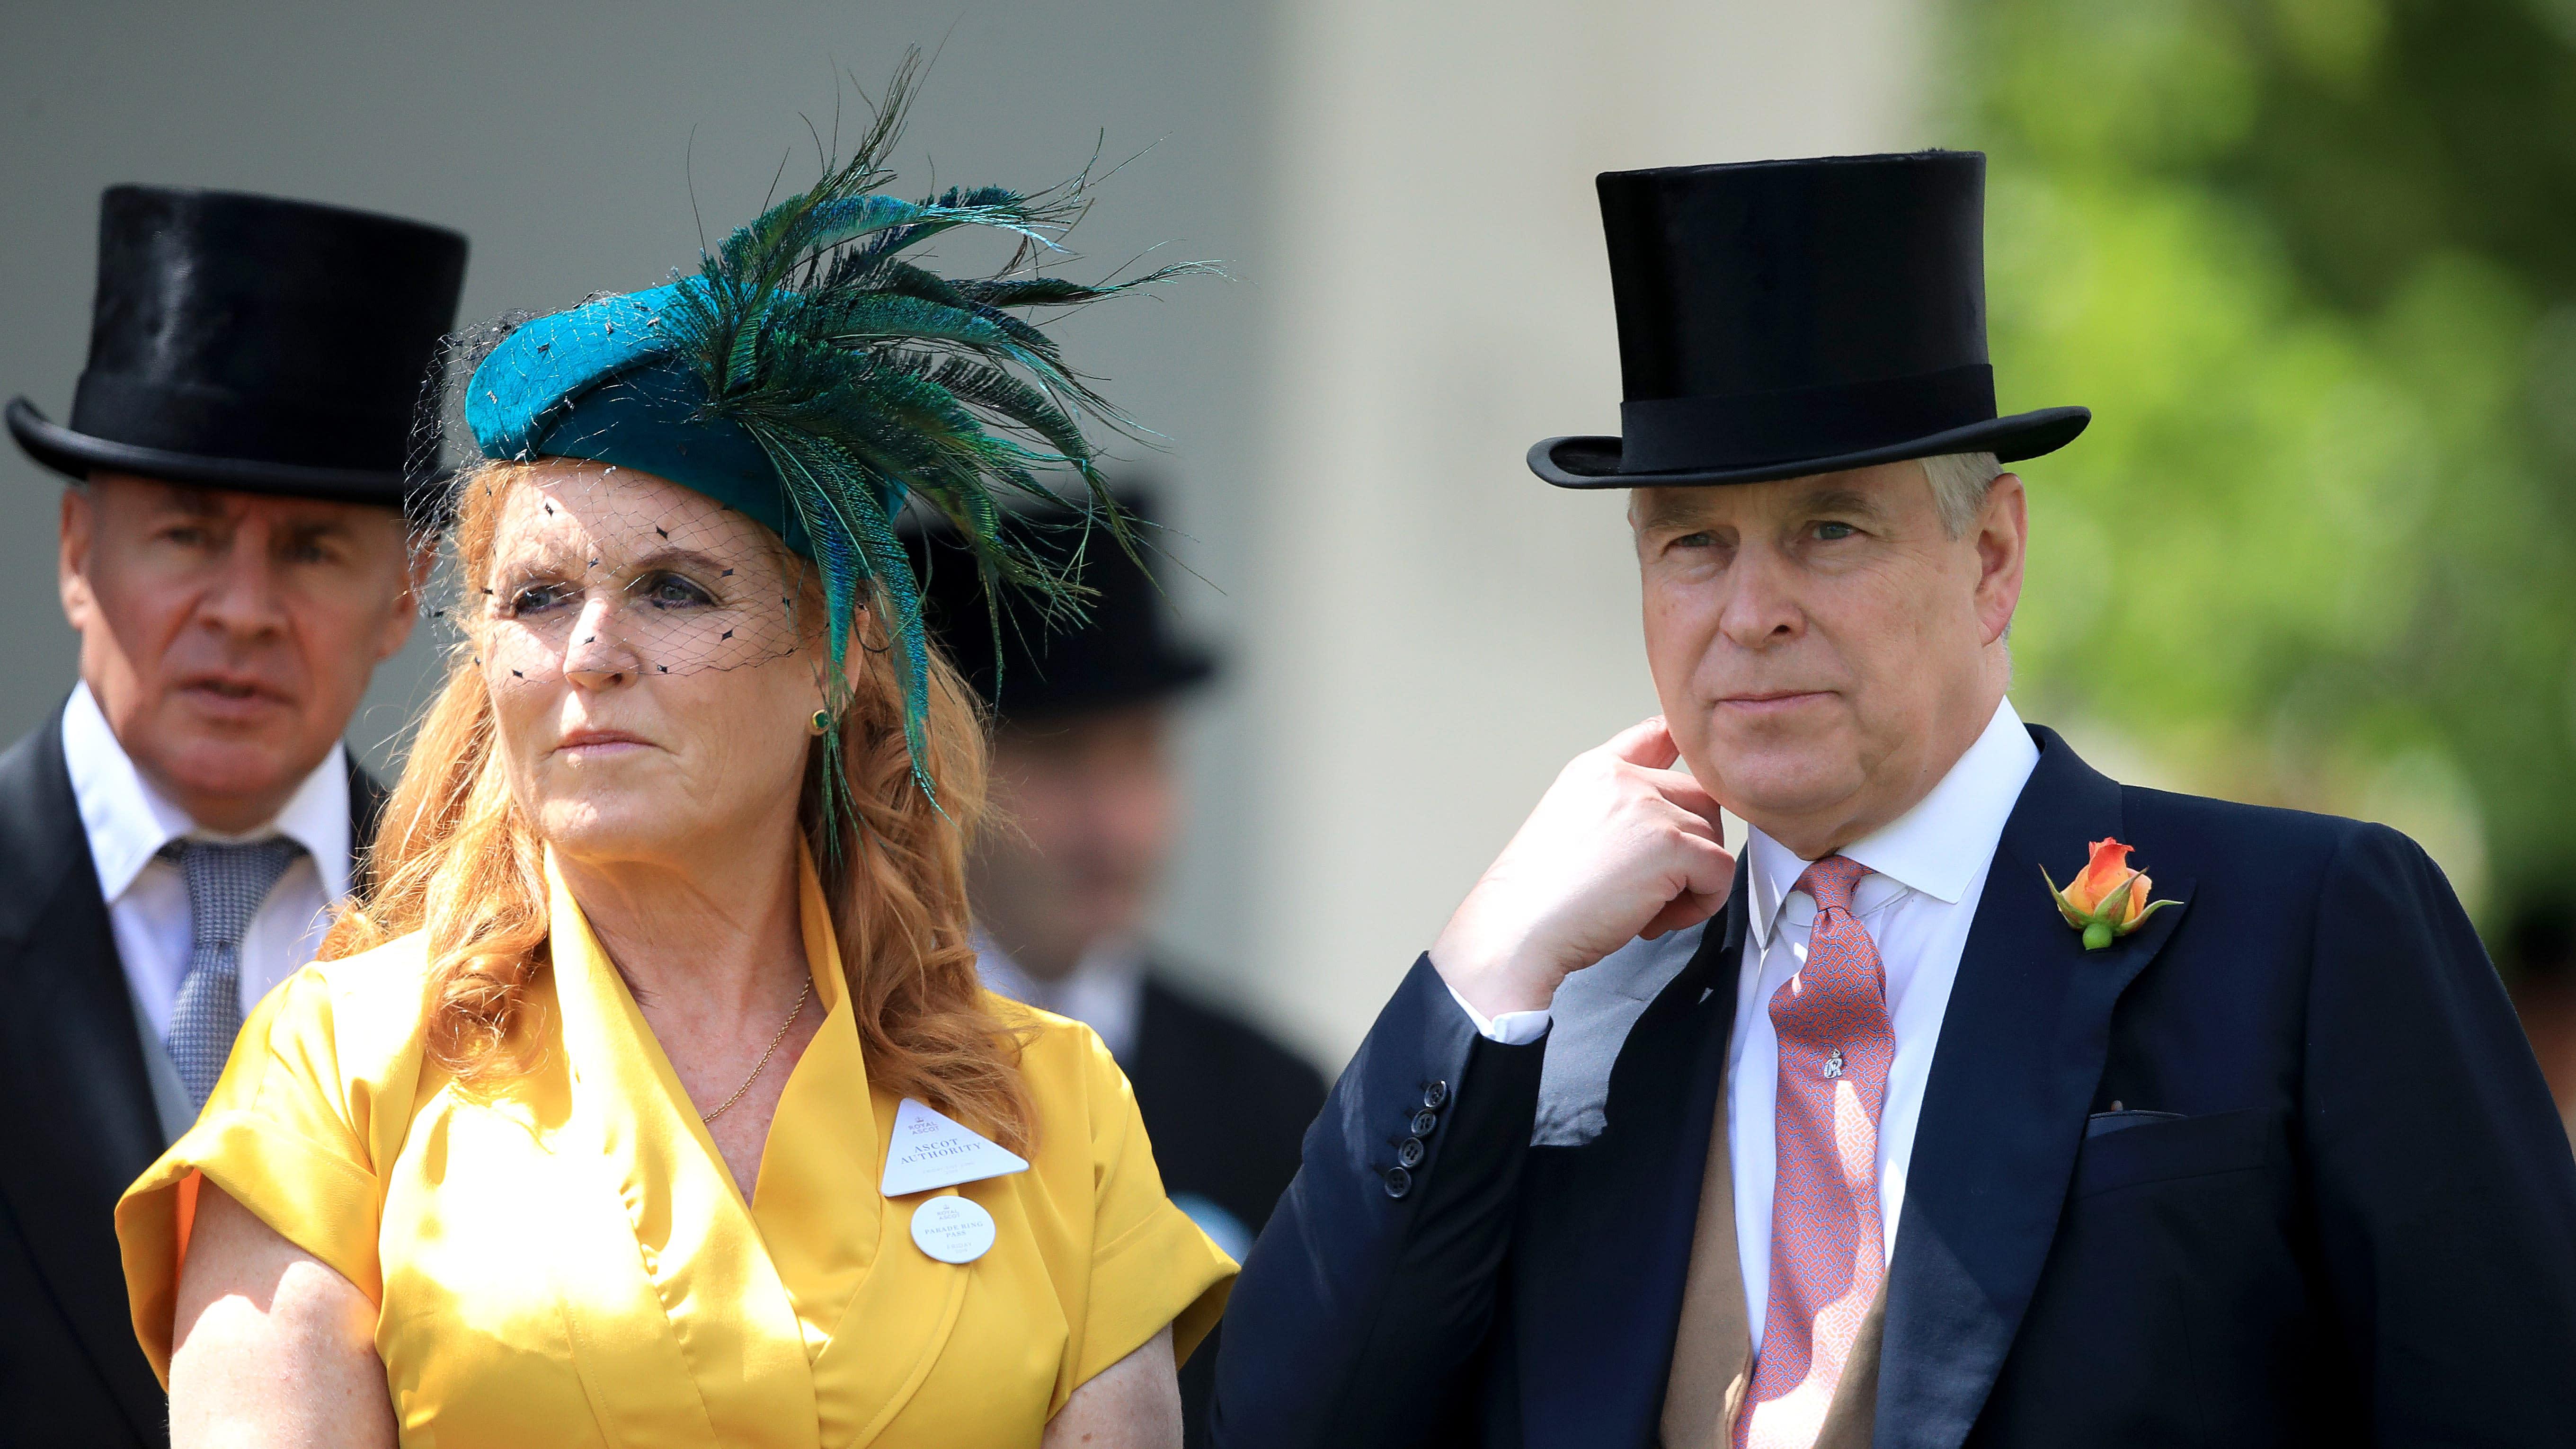 Duchess of York praises 'steadfast' Andrew ahead of Epstein interview